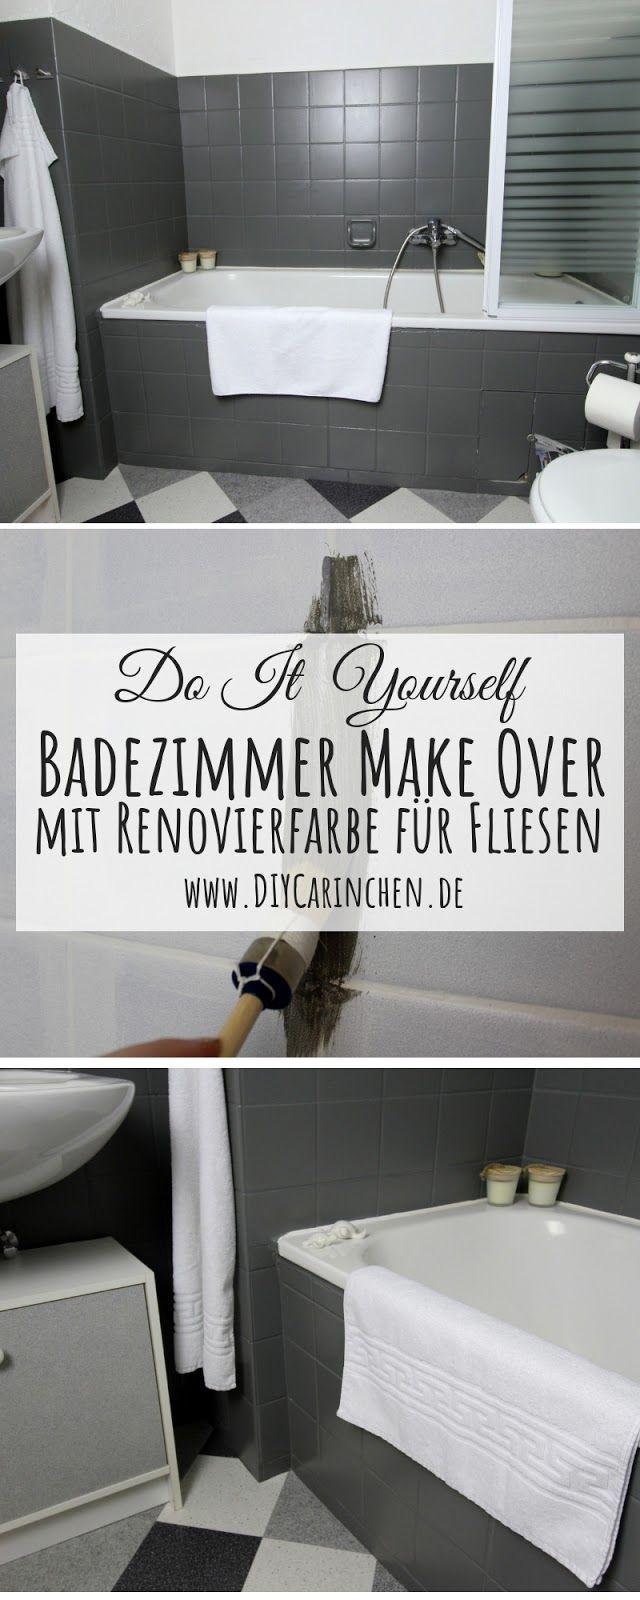 Diy Badezimmer Streichen Und Renovieren Mit Fliesenfarbe Badezimmer Streichen Fliesenfarbe Badezimmer Renovieren